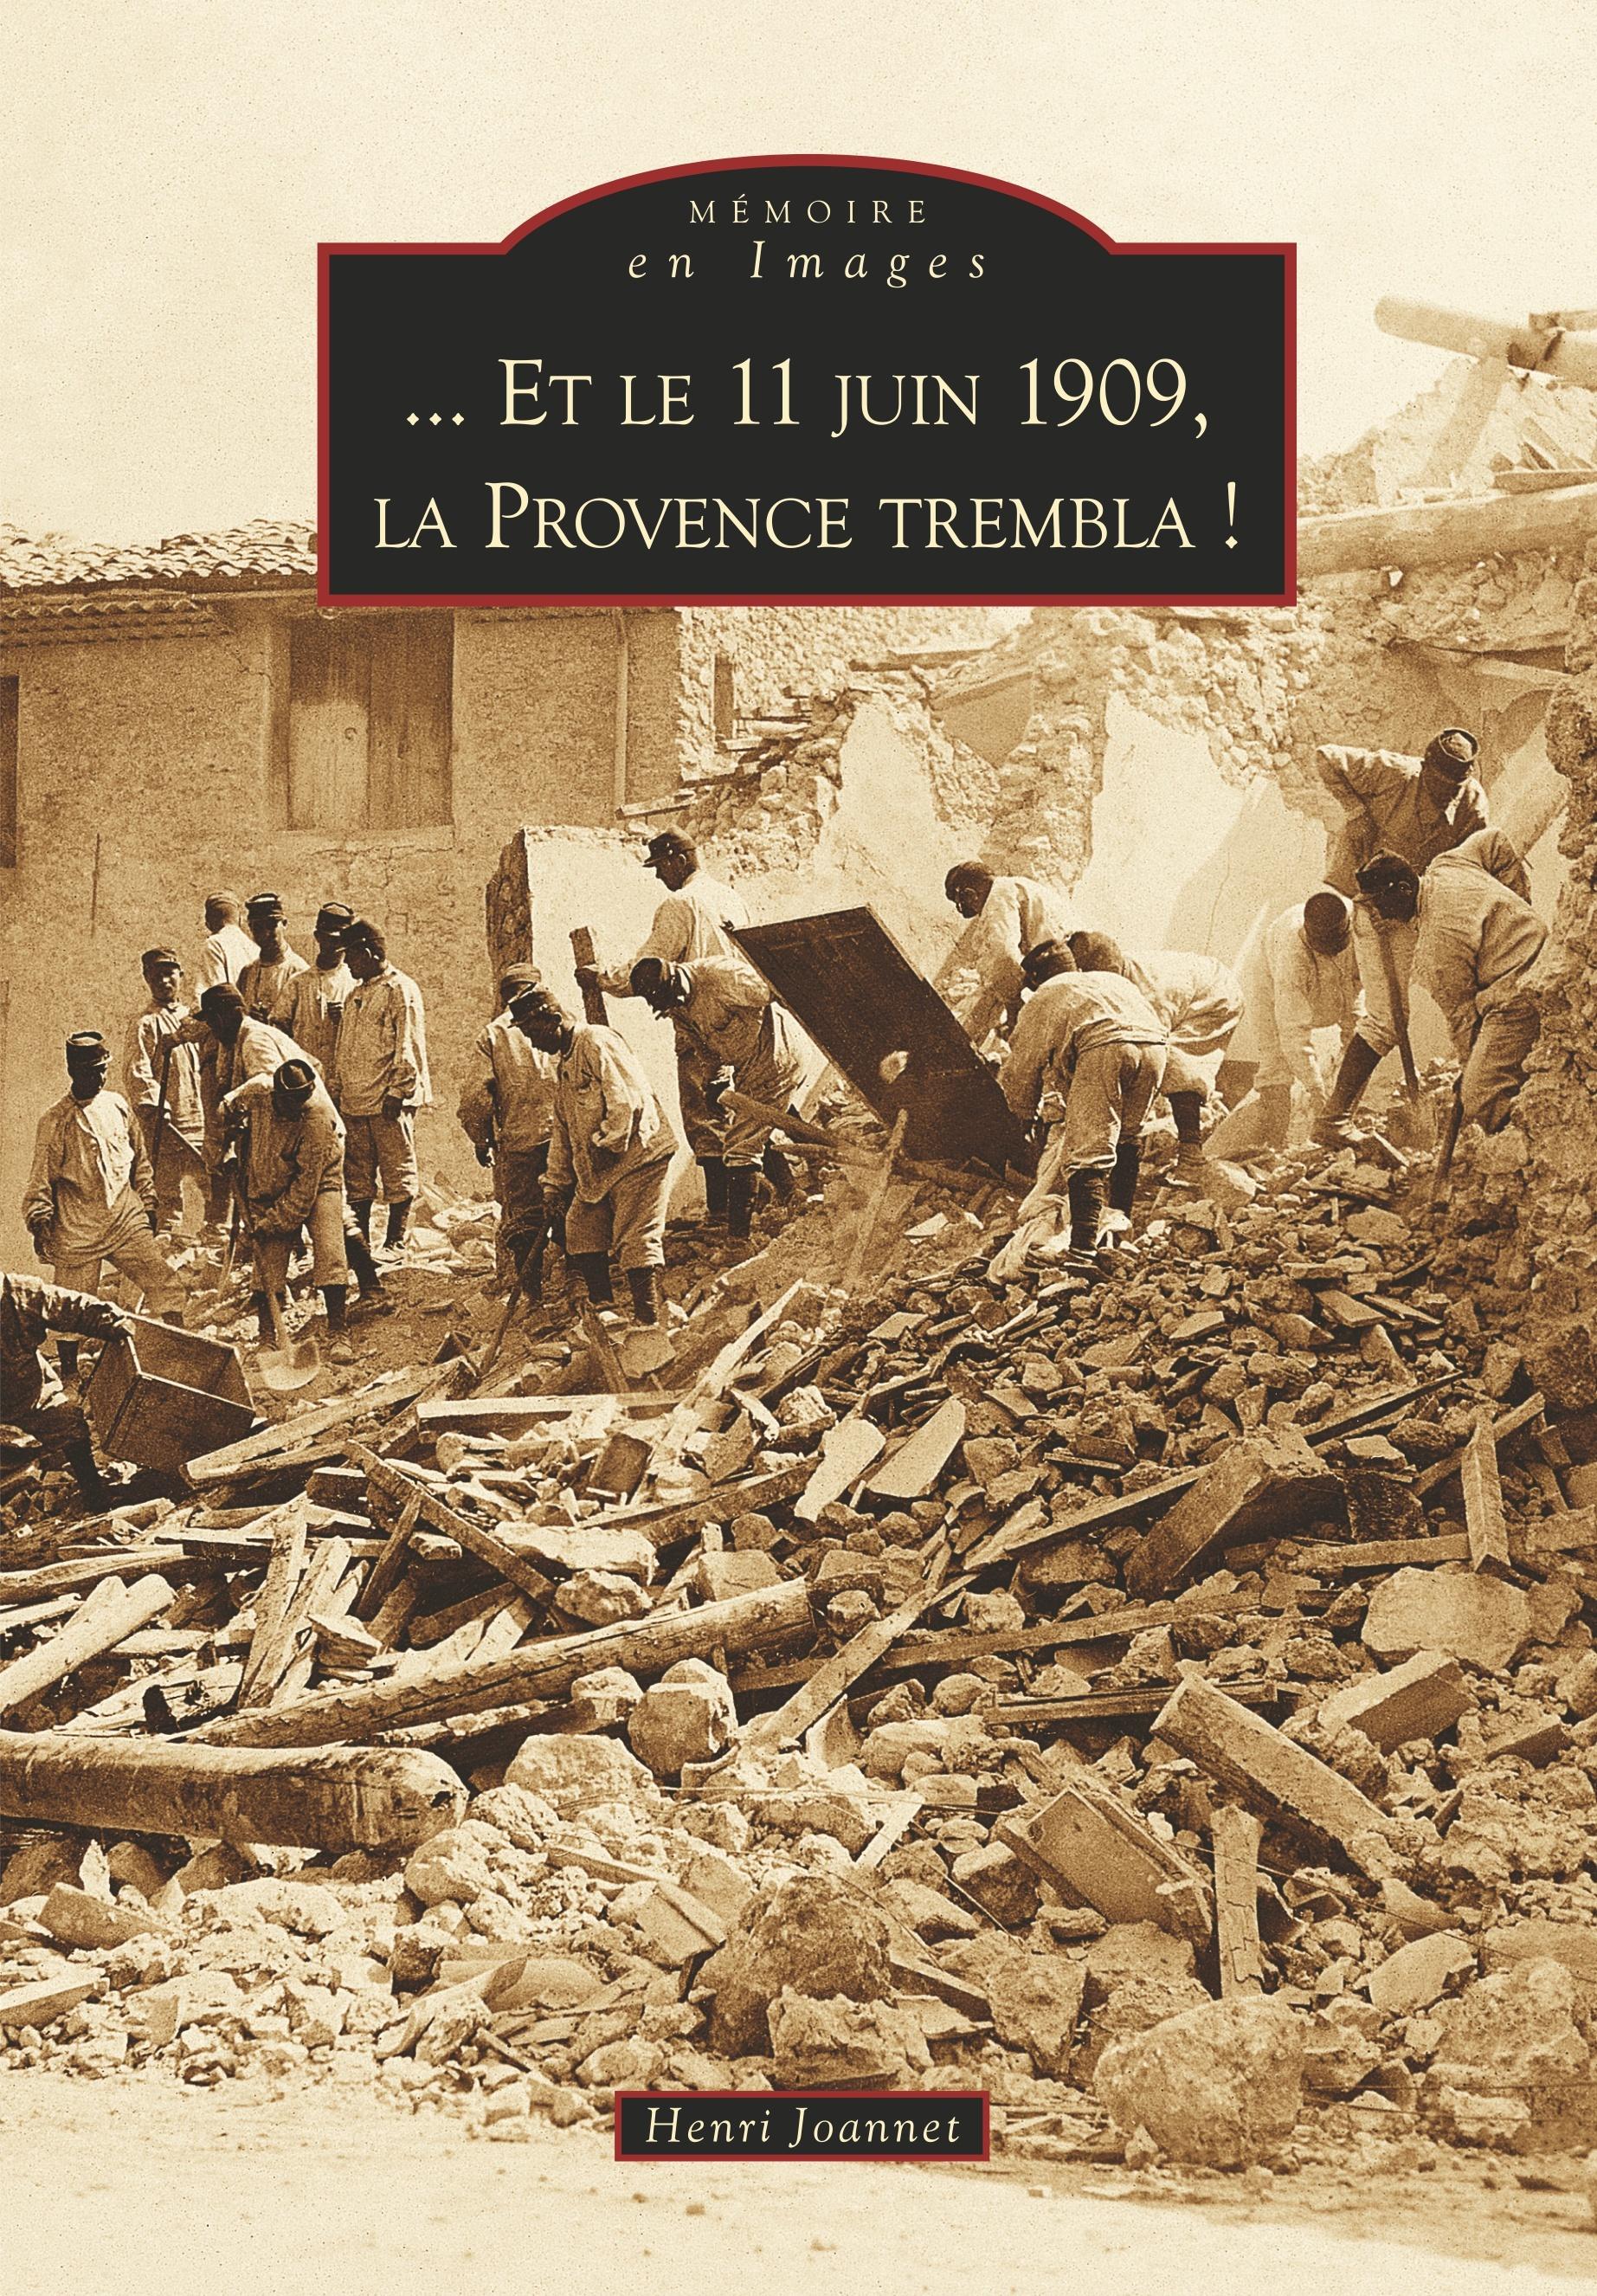 11 JUIN 1909, LA PROVENCE TREMBLA ! (ET LE)